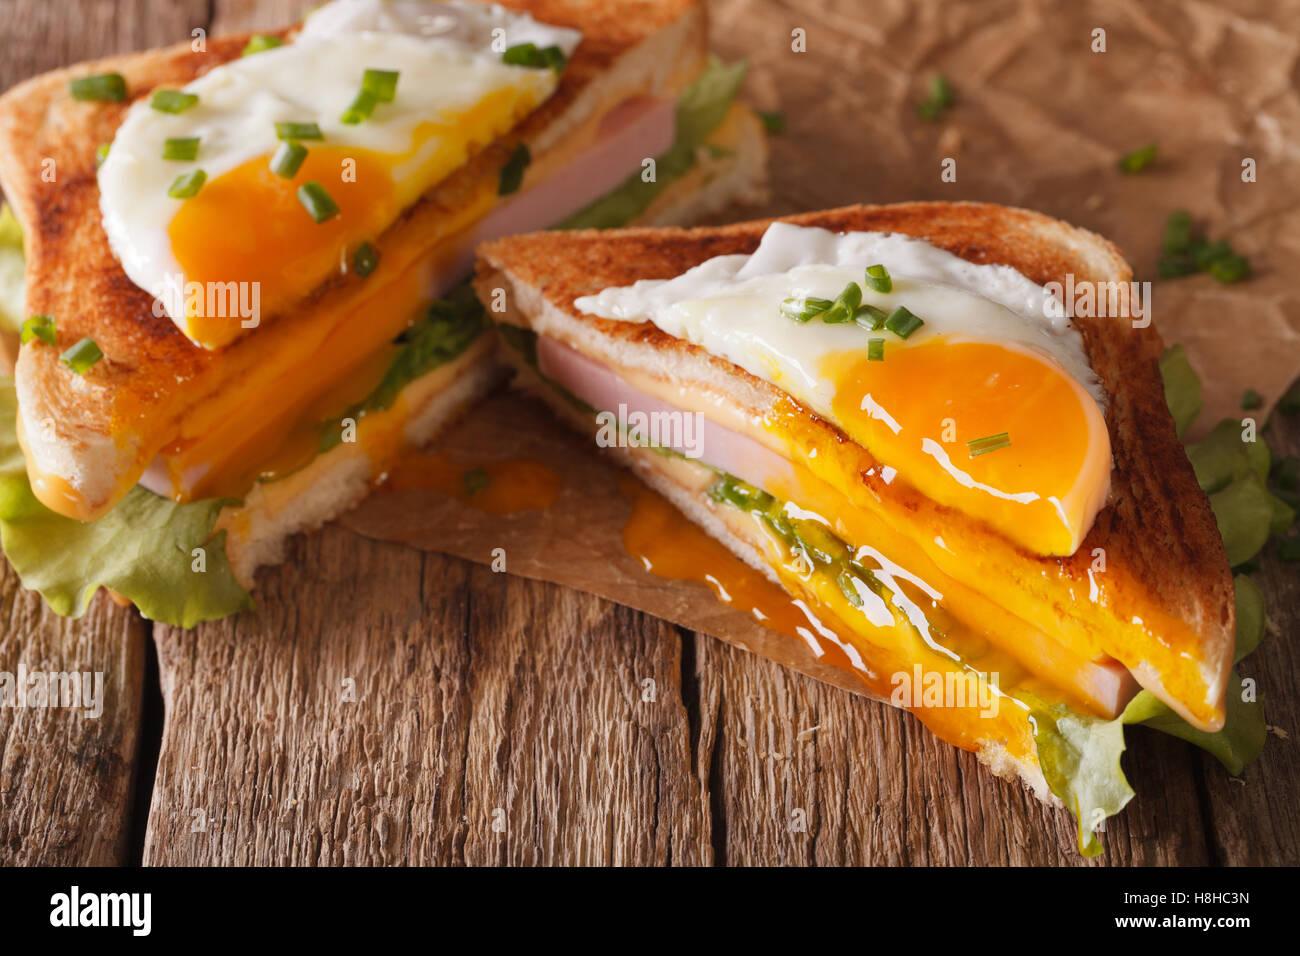 Tagliare in sandwich con uovo fritto, prosciutto e formaggio di close-up sulla carta sul tavolo orizzontale. Immagini Stock